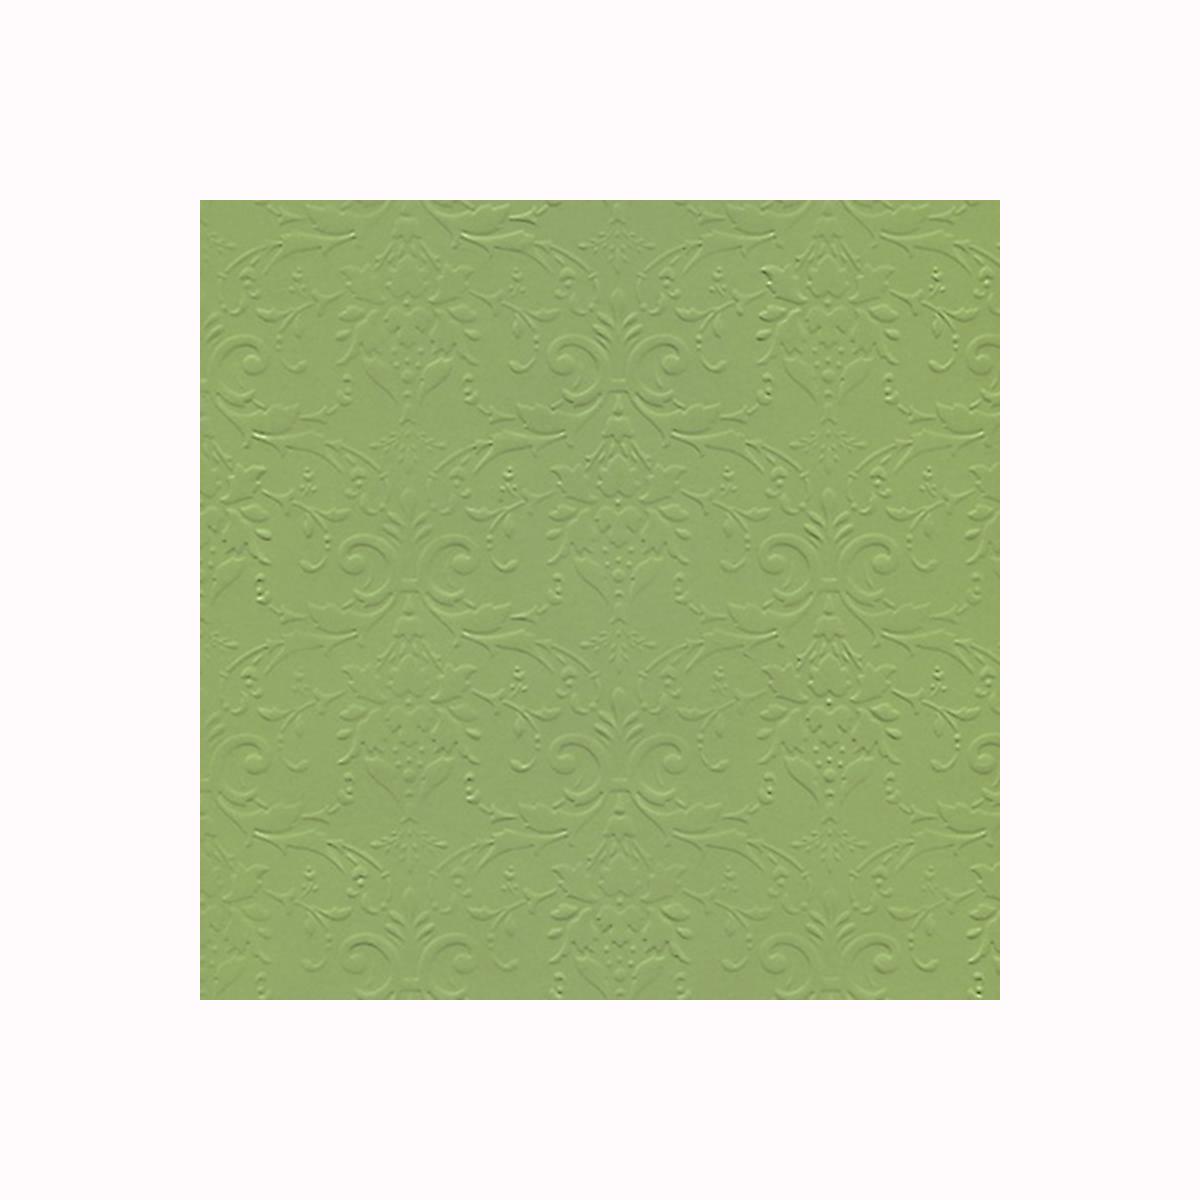 Бумага фактурная Лоза Дамасский узор, цвет: ярко-зеленый, 3 листа09840-20.000.00Фактурная бумага для скрапбукинга Лоза Дамасский узор позволит создать красивый альбом, фоторамку или открытку ручной работы, оформить подарок или аппликацию. Набор включает в себя 3 листа из плотной бумаги.Скрапбукинг - это хобби, которое способно приносить массу приятных эмоций не только человеку, который этим занимается, но и его близким, друзьям, родным. Это невероятно увлекательное занятие, которое поможет вам сохранить наиболее памятные и яркие моменты вашей жизни, а также интересно оформить интерьер дома. Плотность бумаги: 200 г/м2.